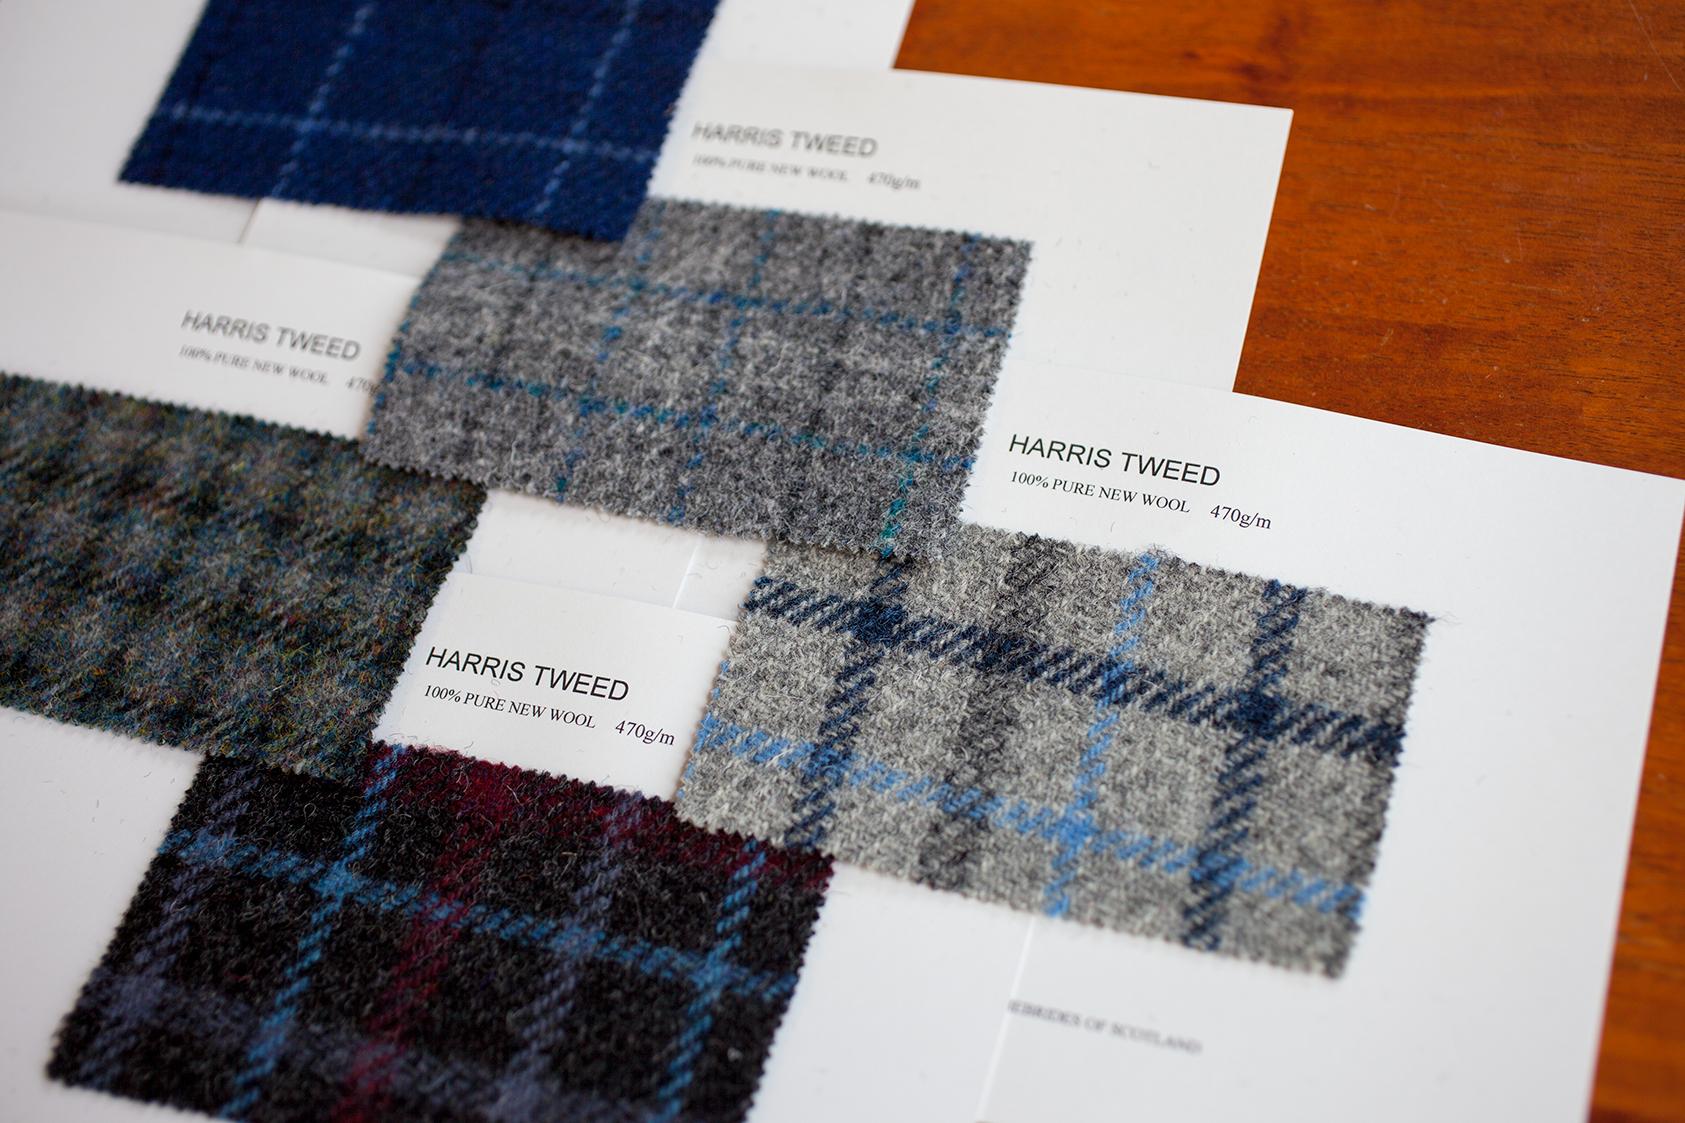 ハリス・ツイード チェック生地 Harris Tweed fabric